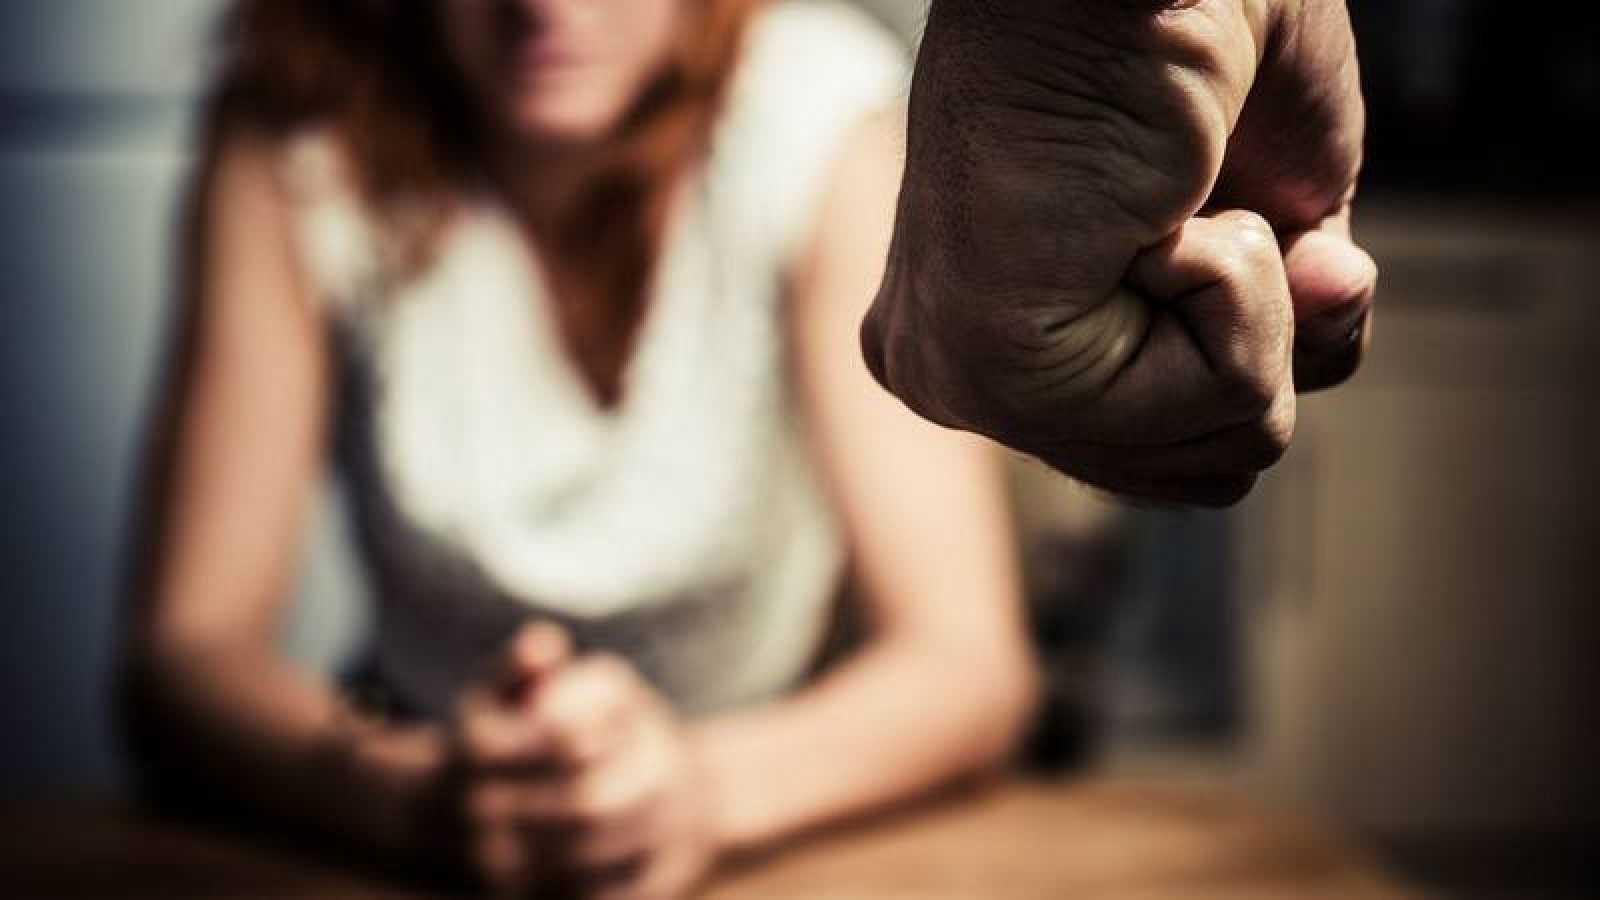 La violencia de género ha aumentado durante el confinamiento por el Coronavirus